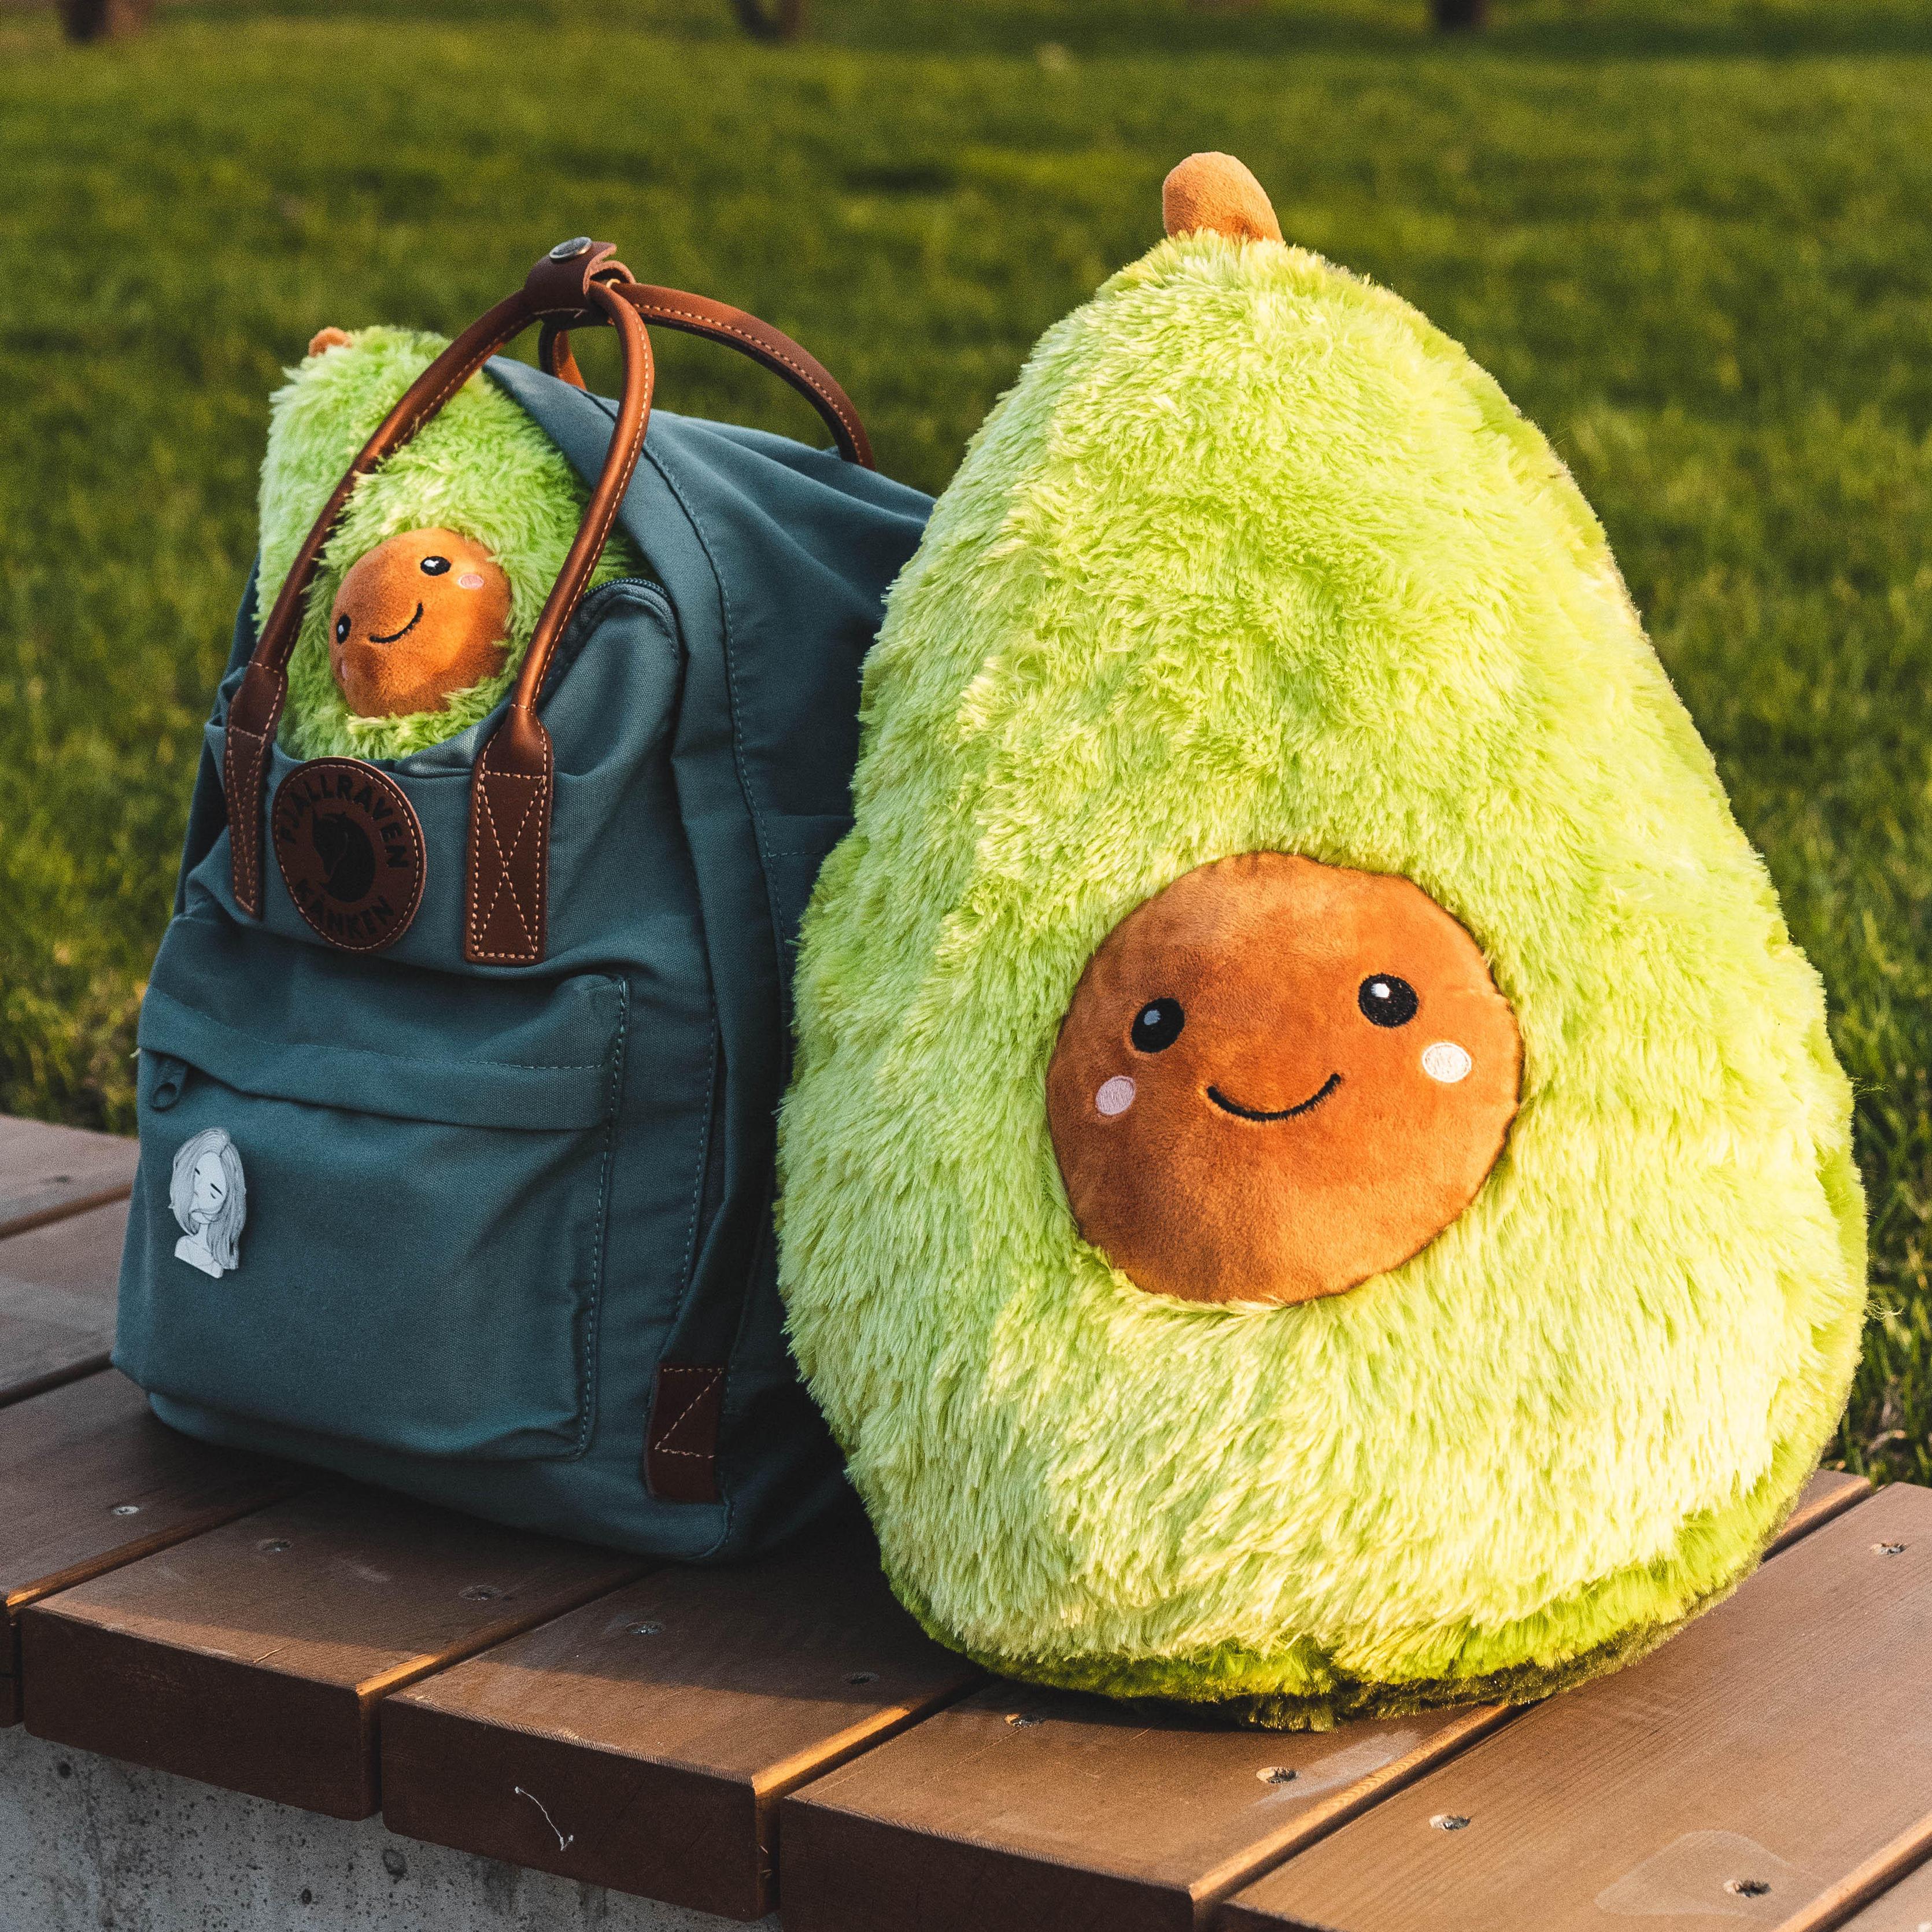 Мягкая игрушка Авокадо как аксессуар и атрибут в повседневной жизни